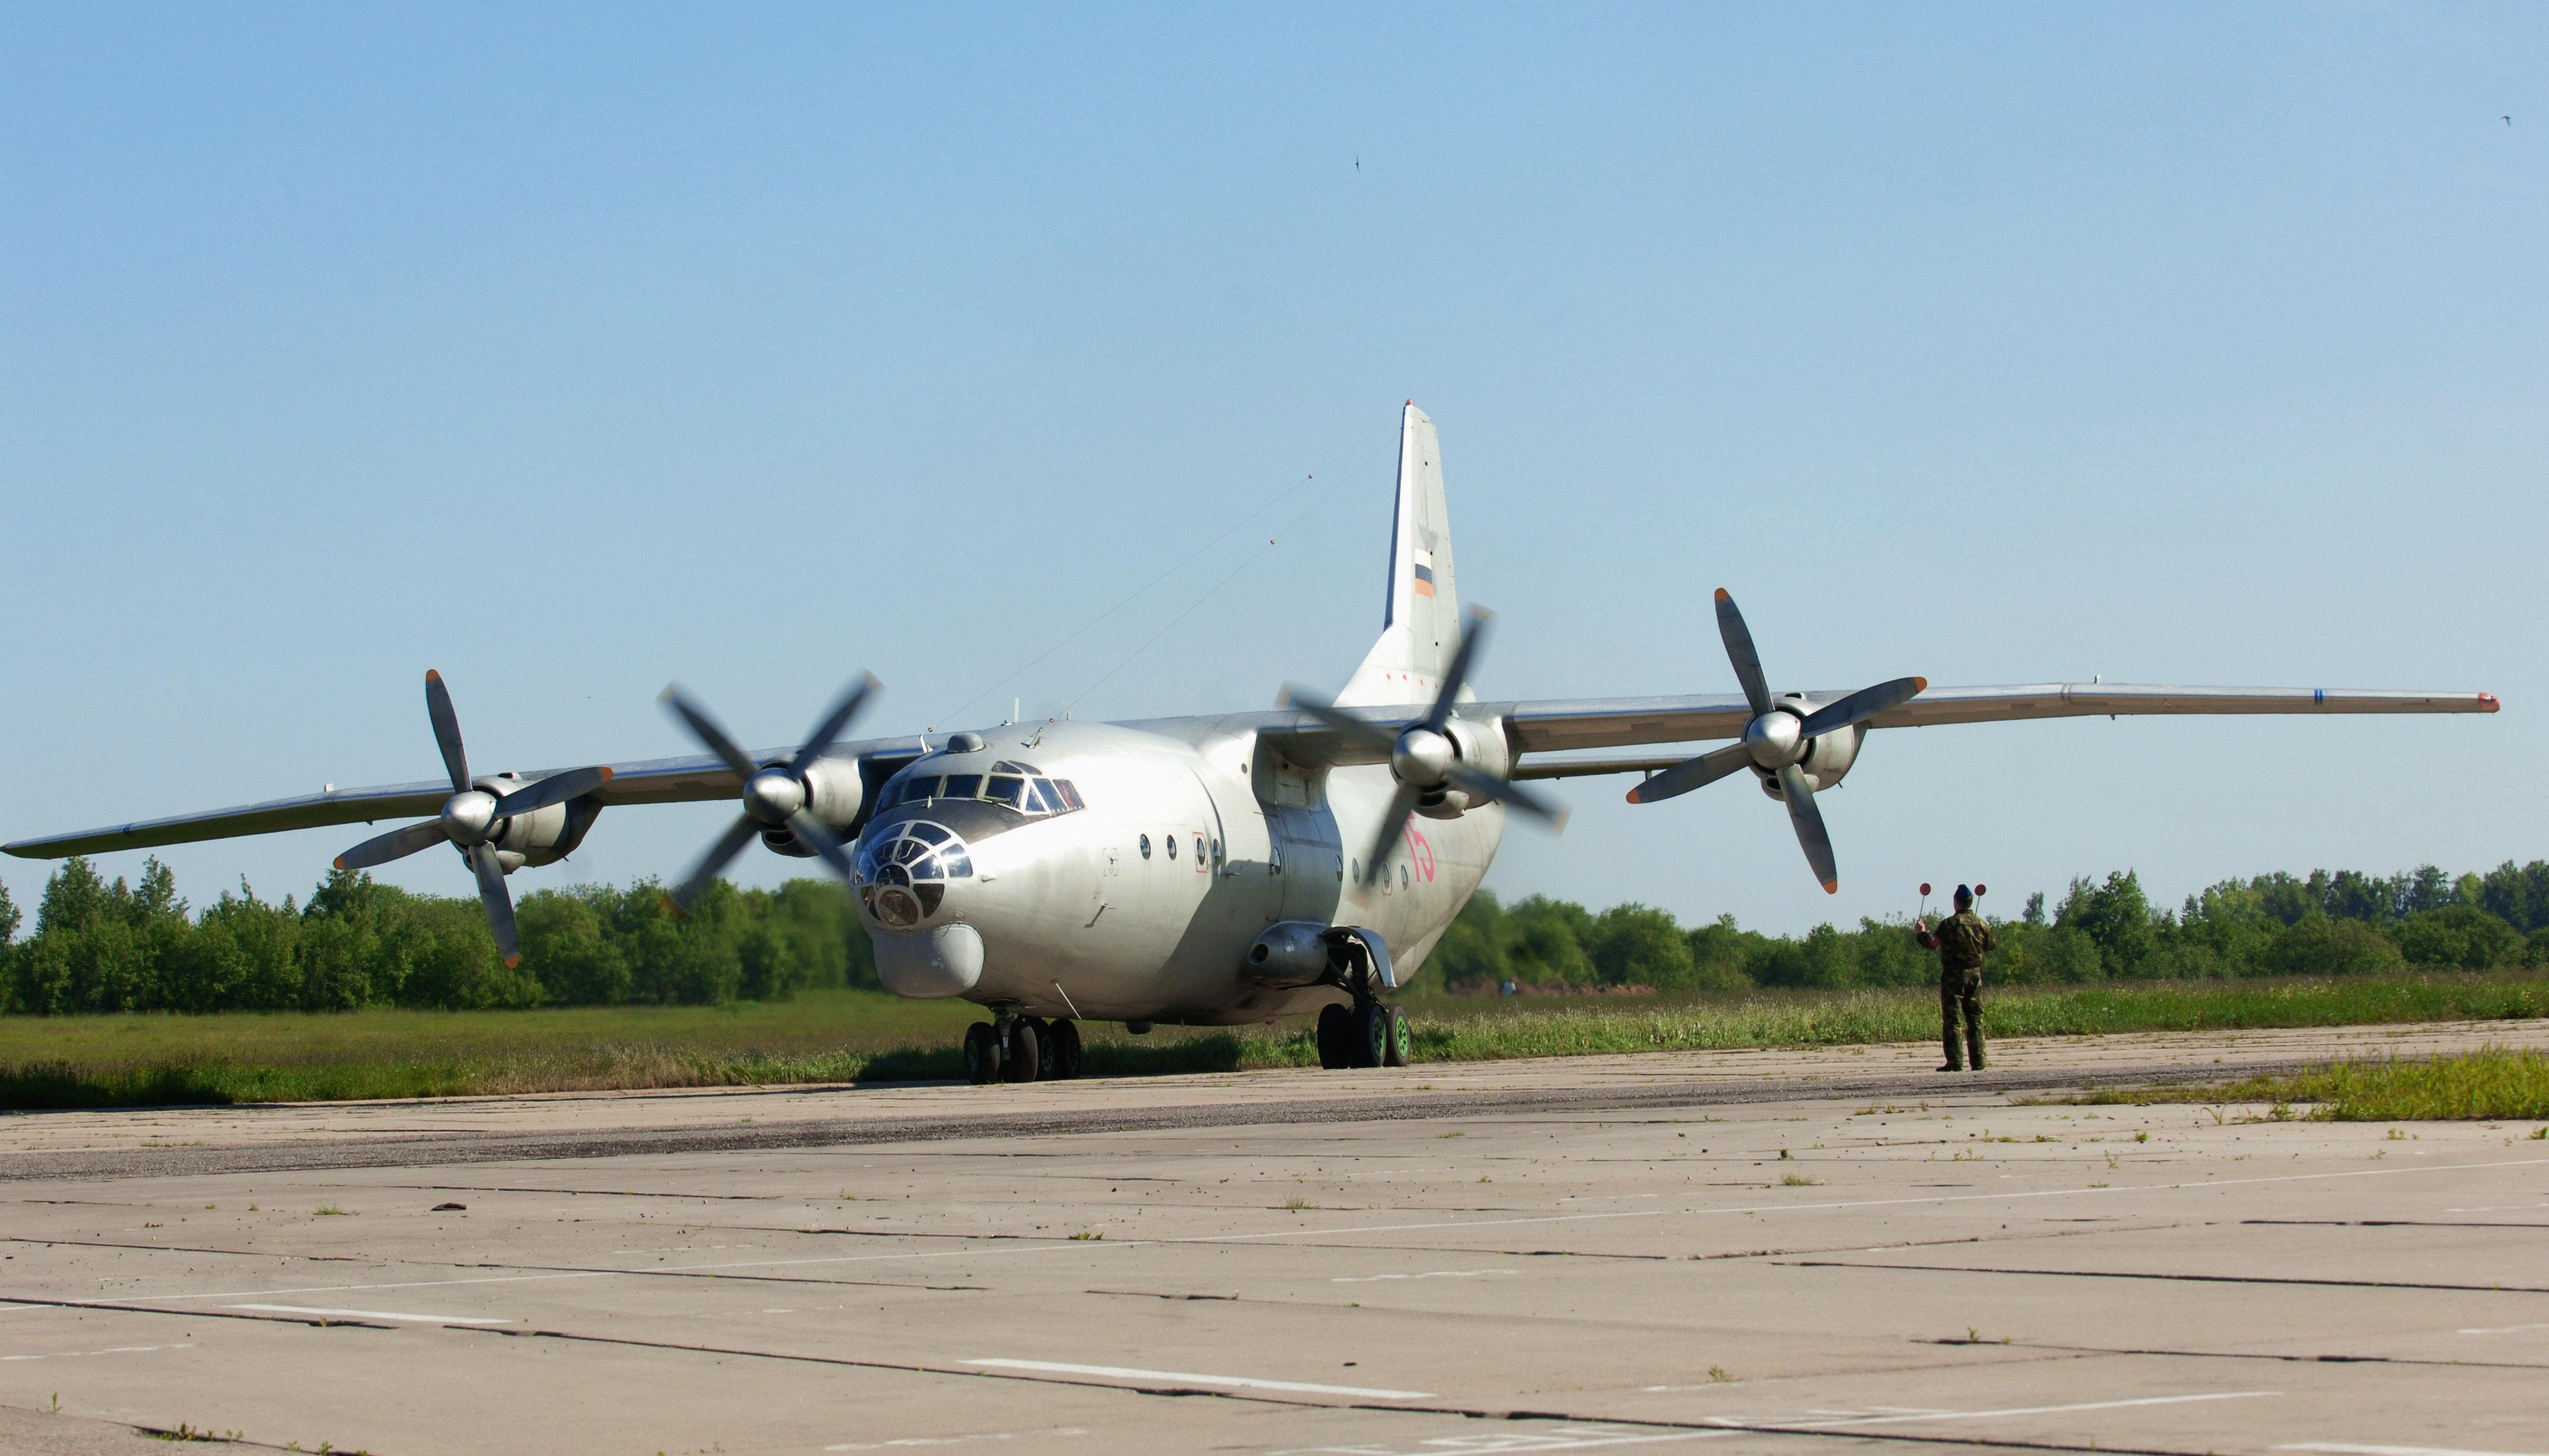 An-12 được đưa vào biên chế từ năm 1959 với động cơ cánh quạt mạnh mẽ. (Ảnh: RIA Novosti)